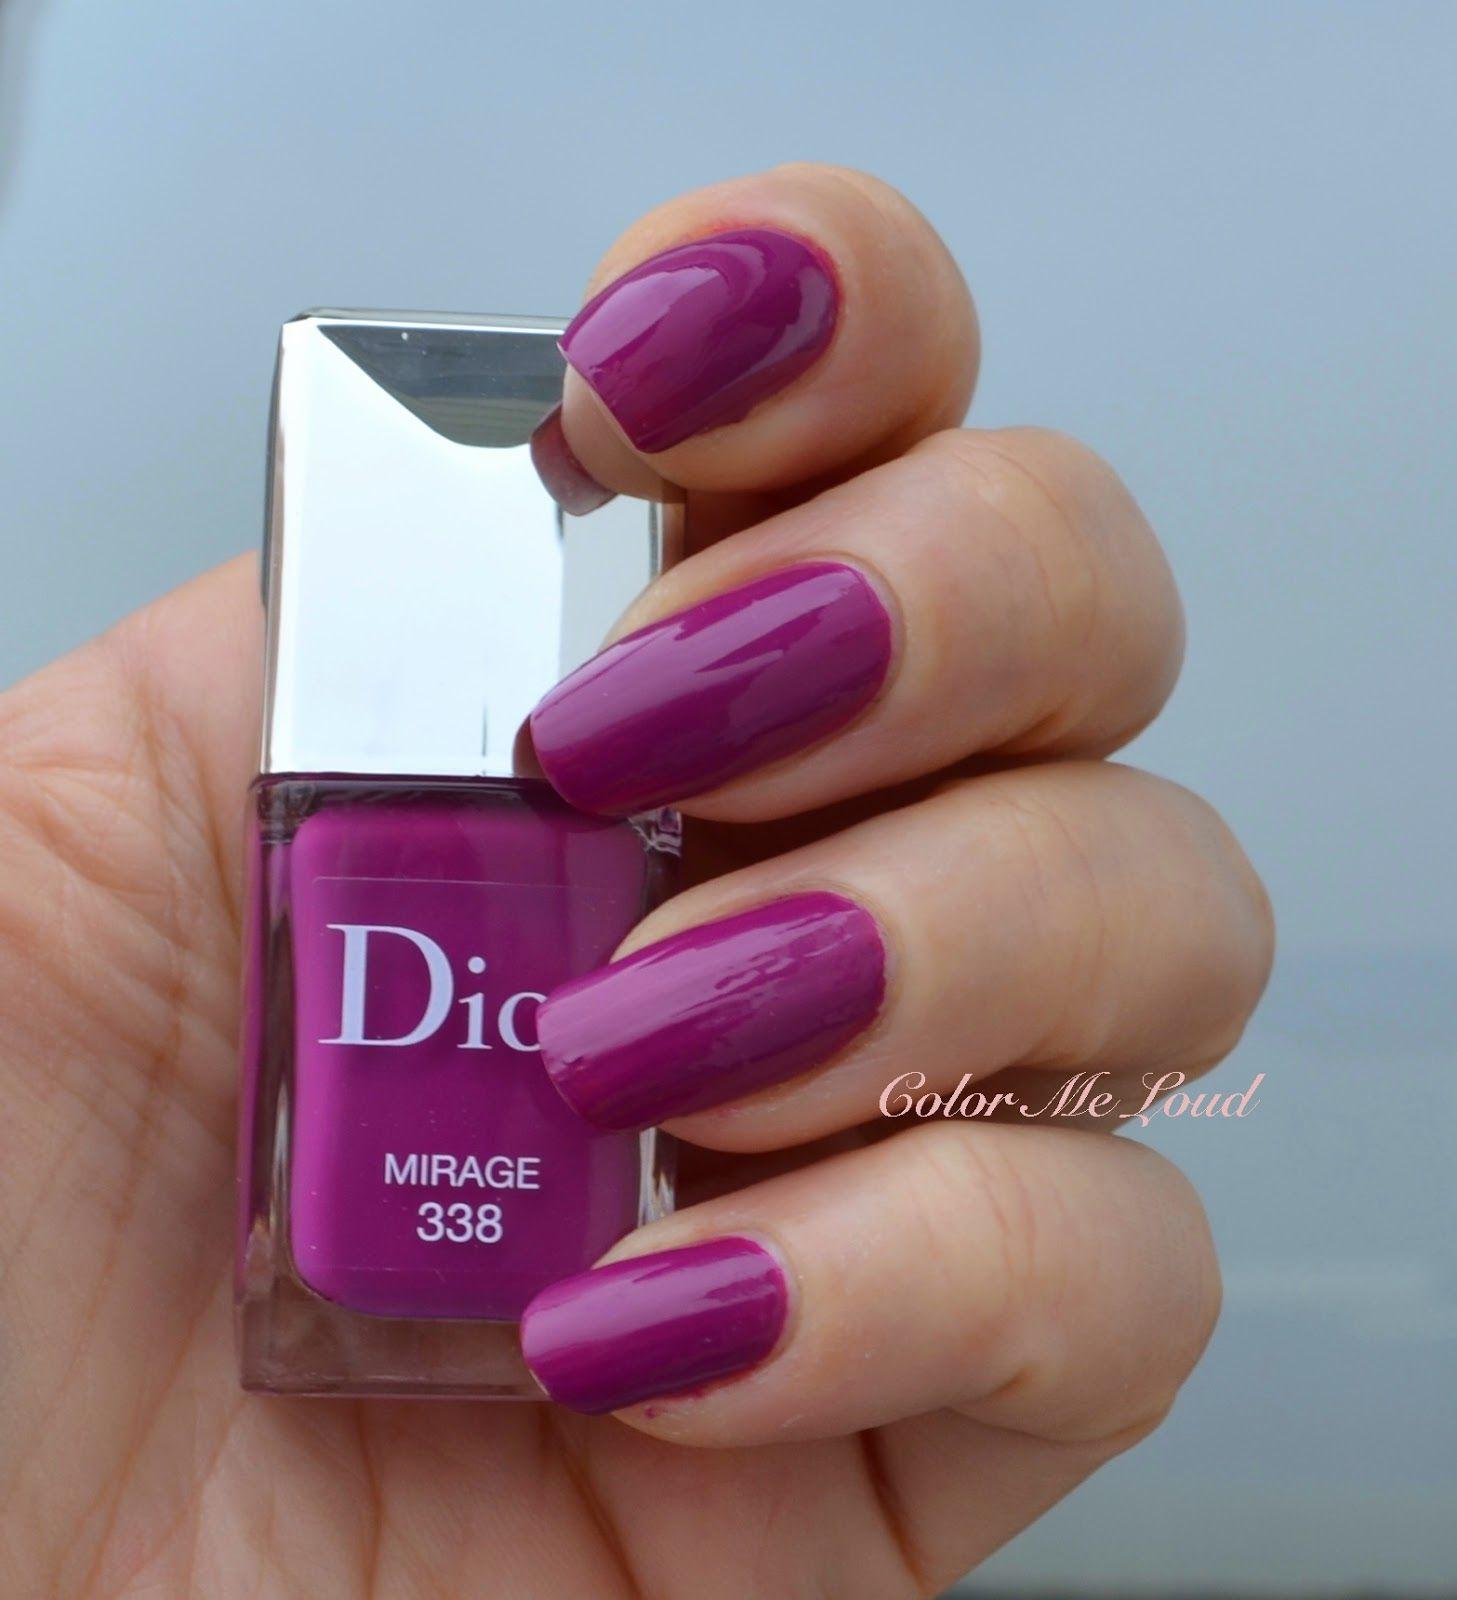 Dior 338 Mirage is such a great magenta nail polish. | Nail Polish I ...